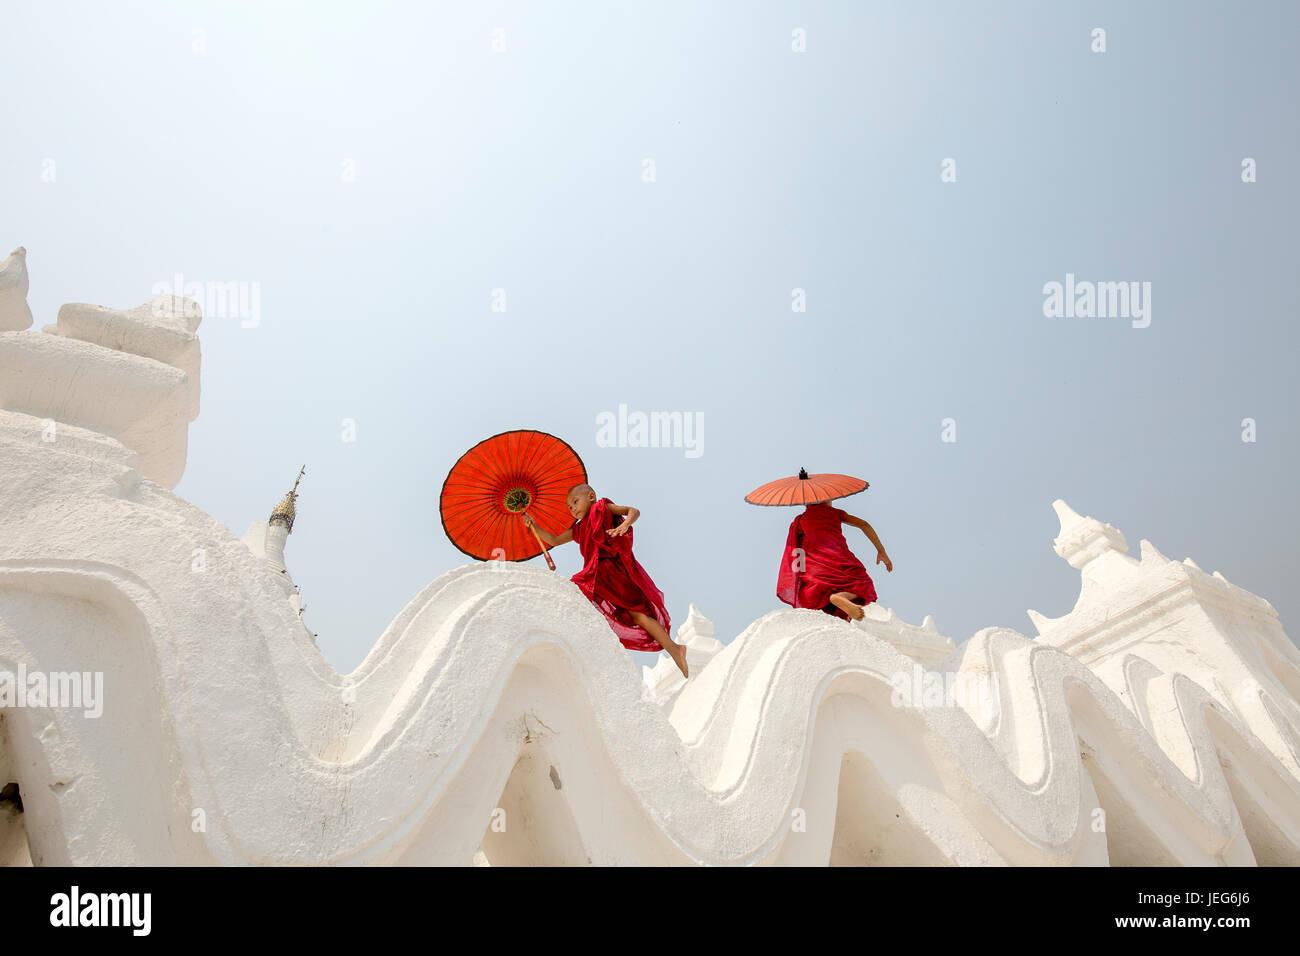 Moines avec parapluie Pagode Hsinbyume Temple à Mandalay Myanmar région Mingon Myanmar pagode temple blanc Photo Stock